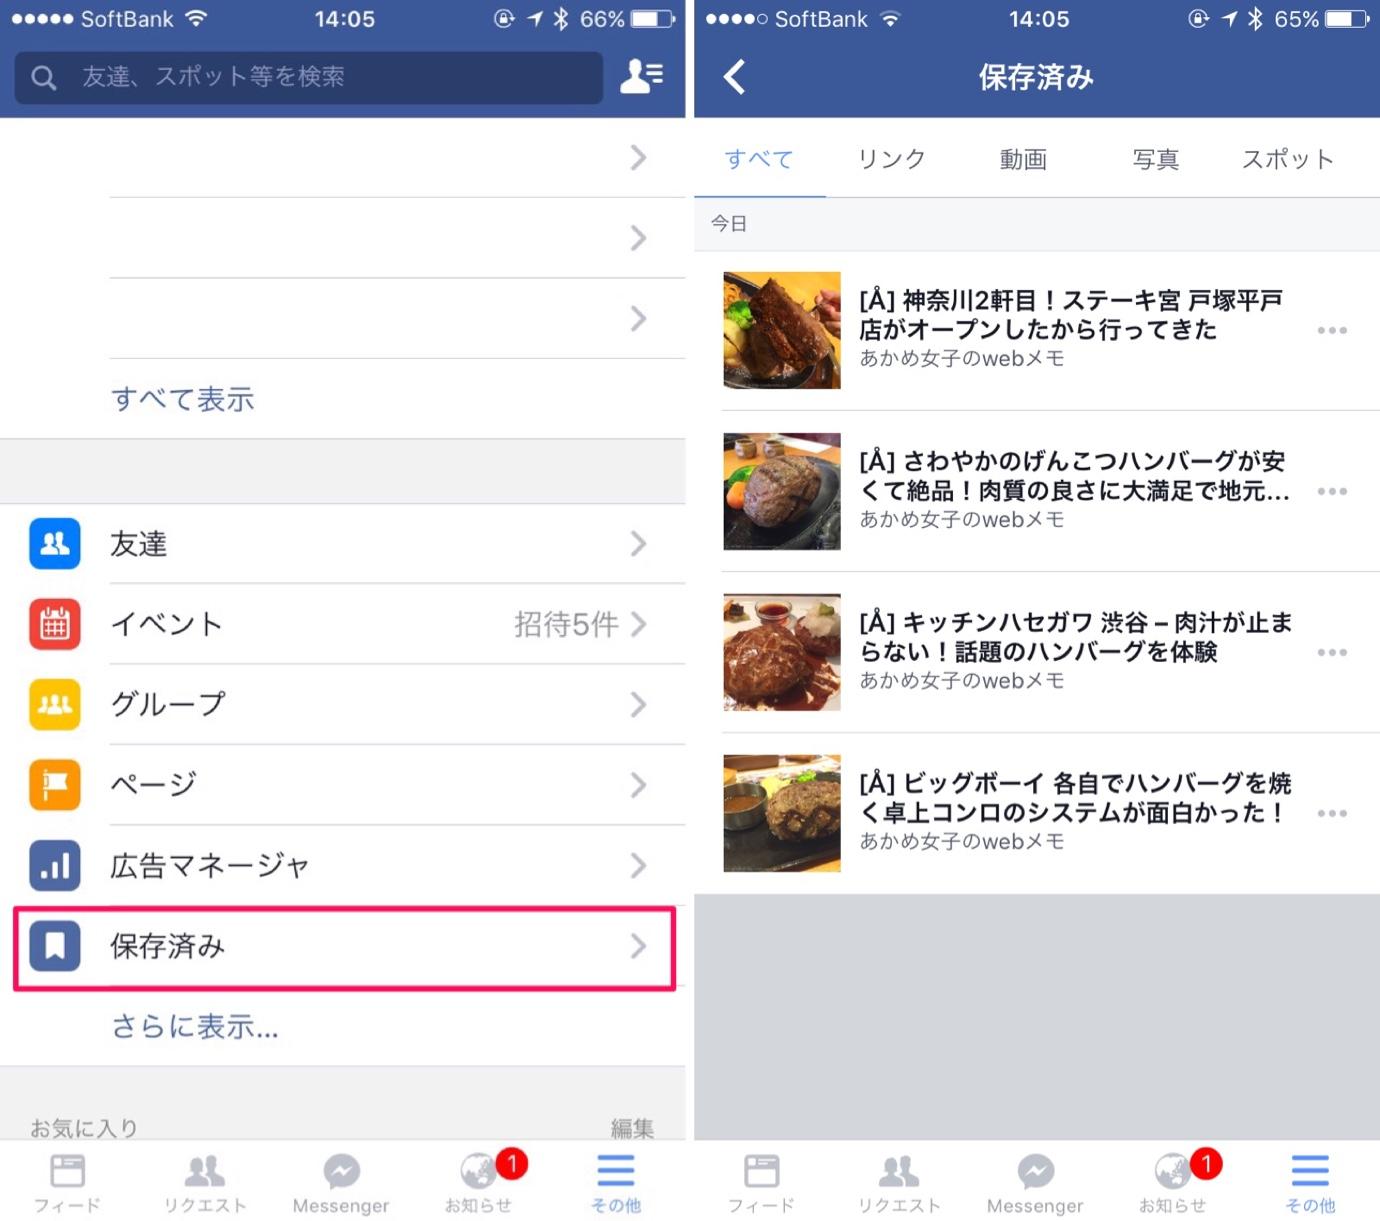 iPhoneのFacebookアプリから保存した情報を見る場合